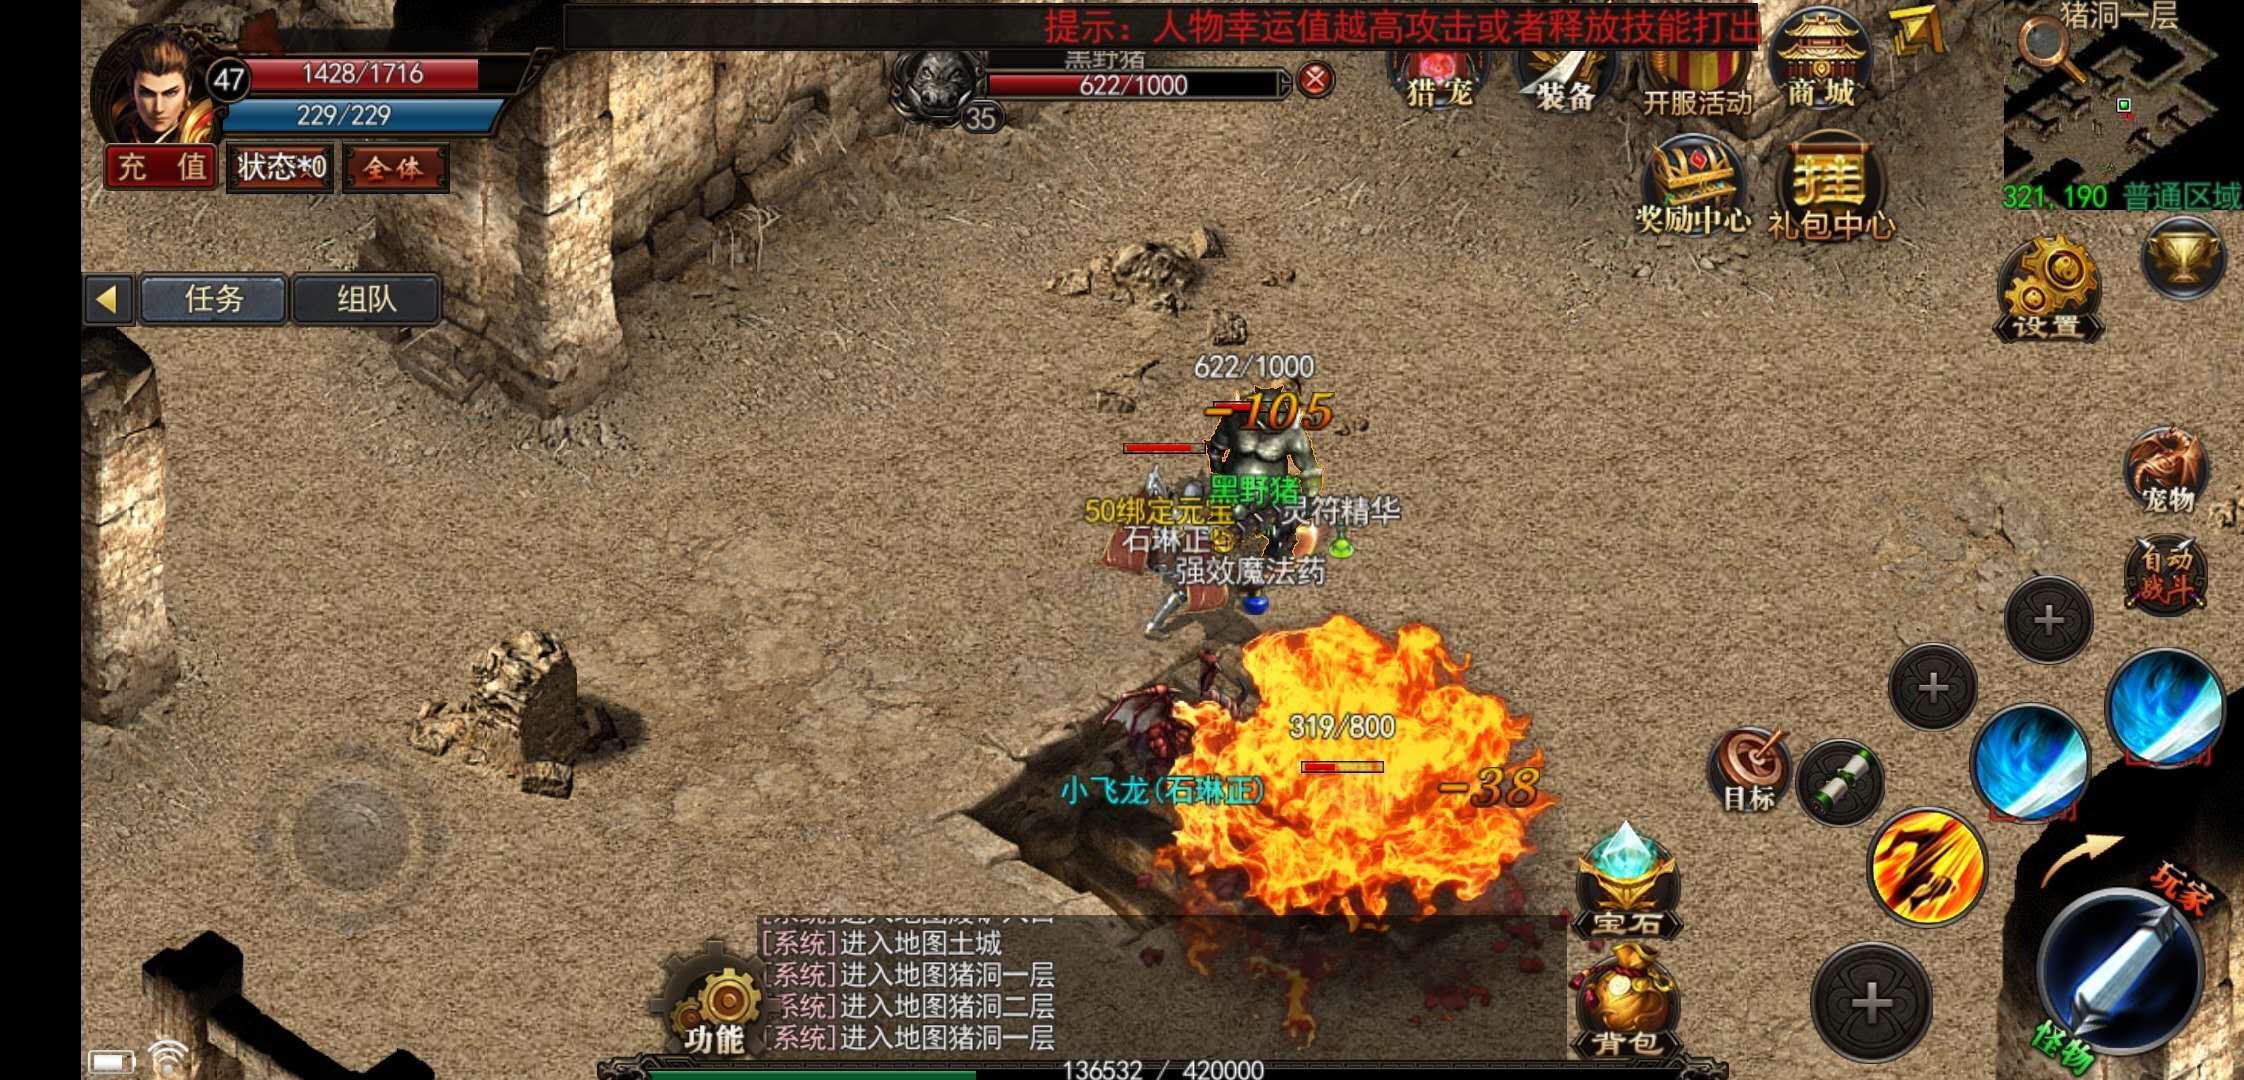 热血传奇:《》复古微变铭文三职业特色玩法独家首发公测